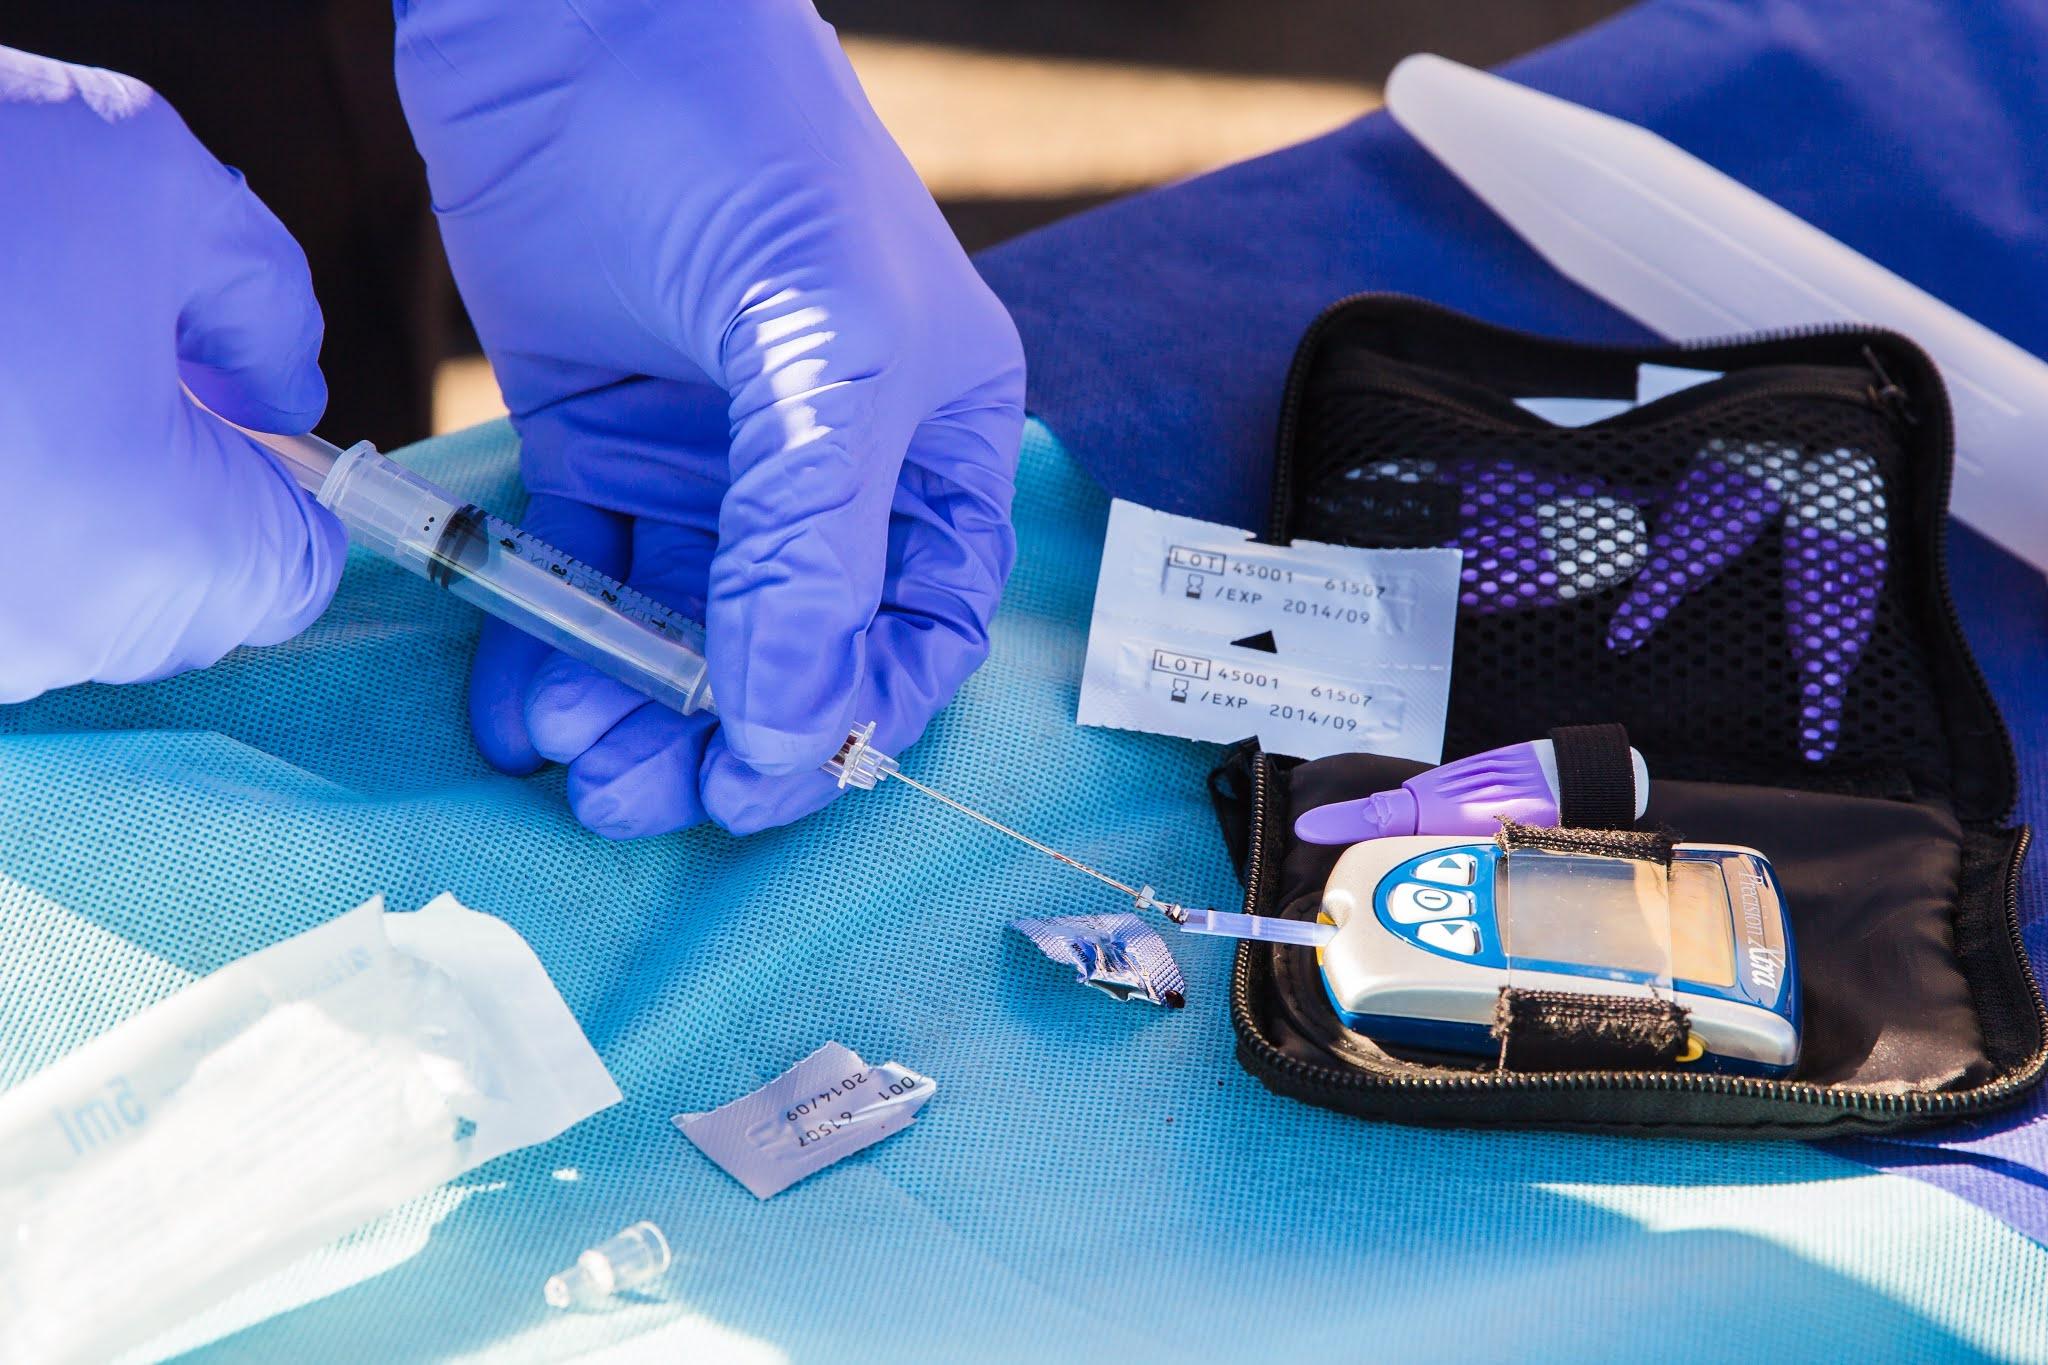 Cukrzyca - objawy i leczenie. Jak ją zdiagnozować?